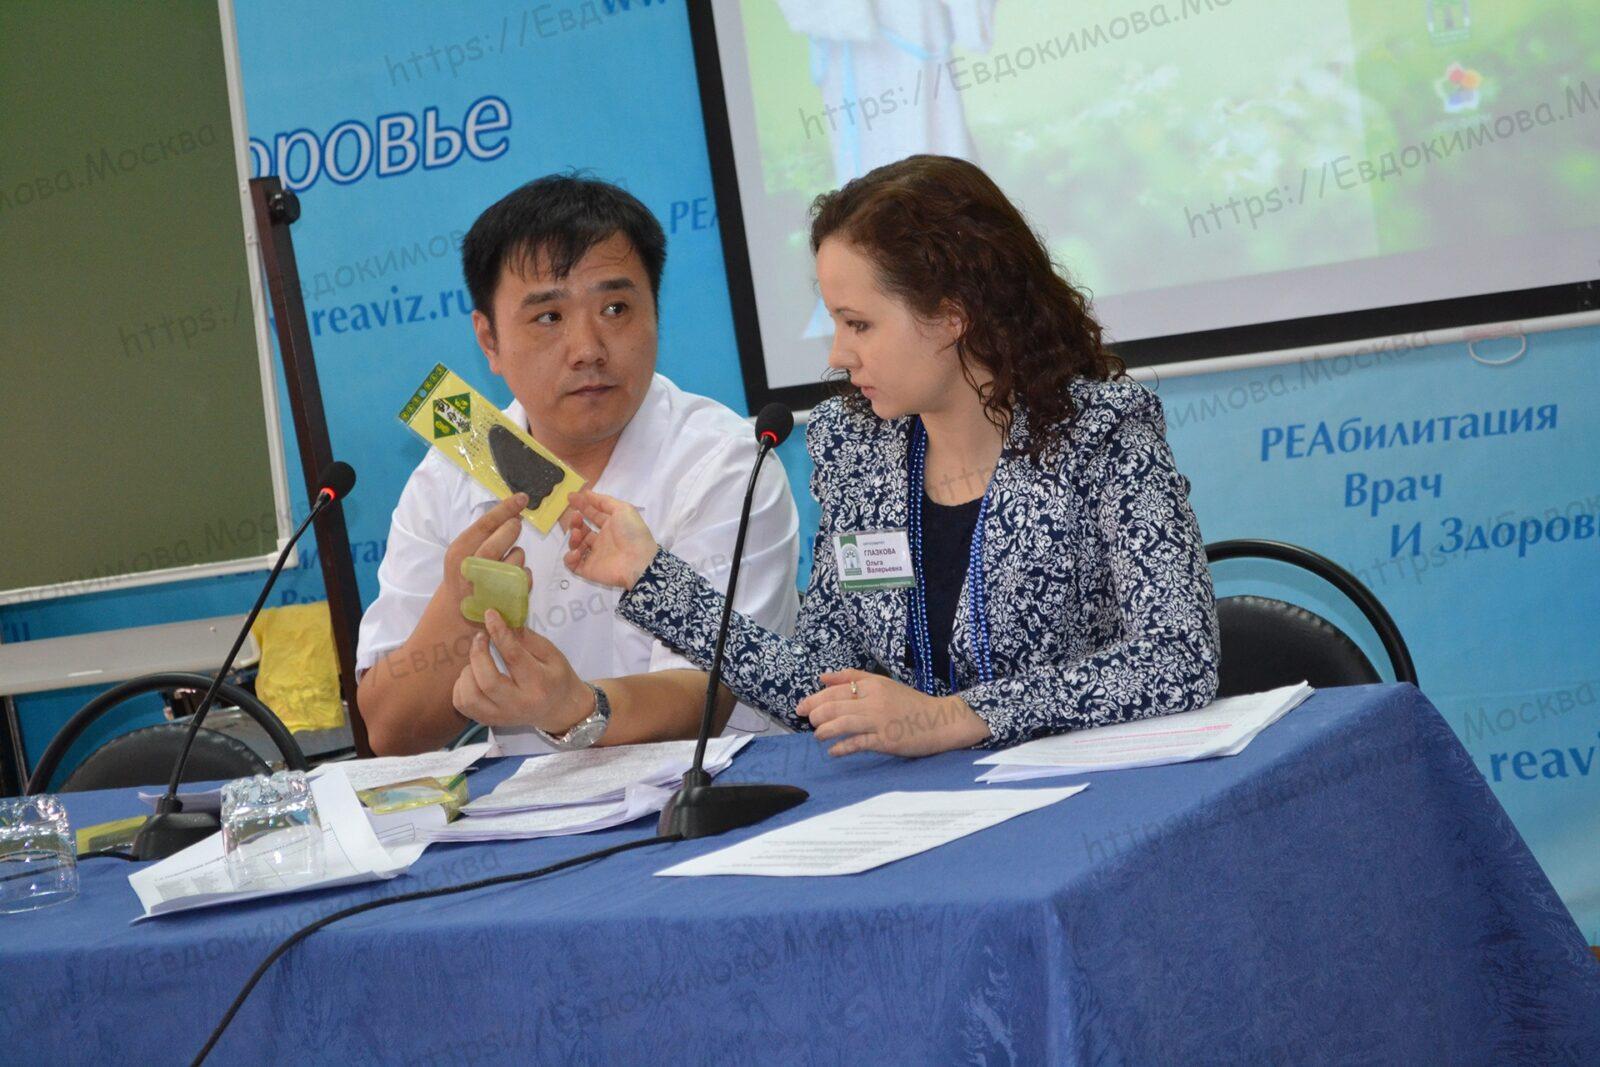 Апрель 2015 г. Конференция для докторов рефлексотерапевтов в г.Самара-19